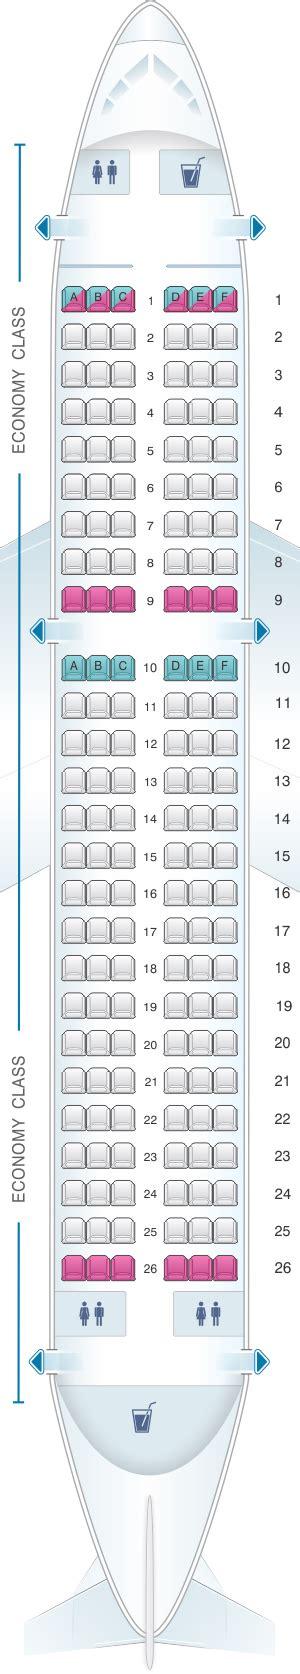 plan de cabine easyjet airbus a319 seatmaestro fr